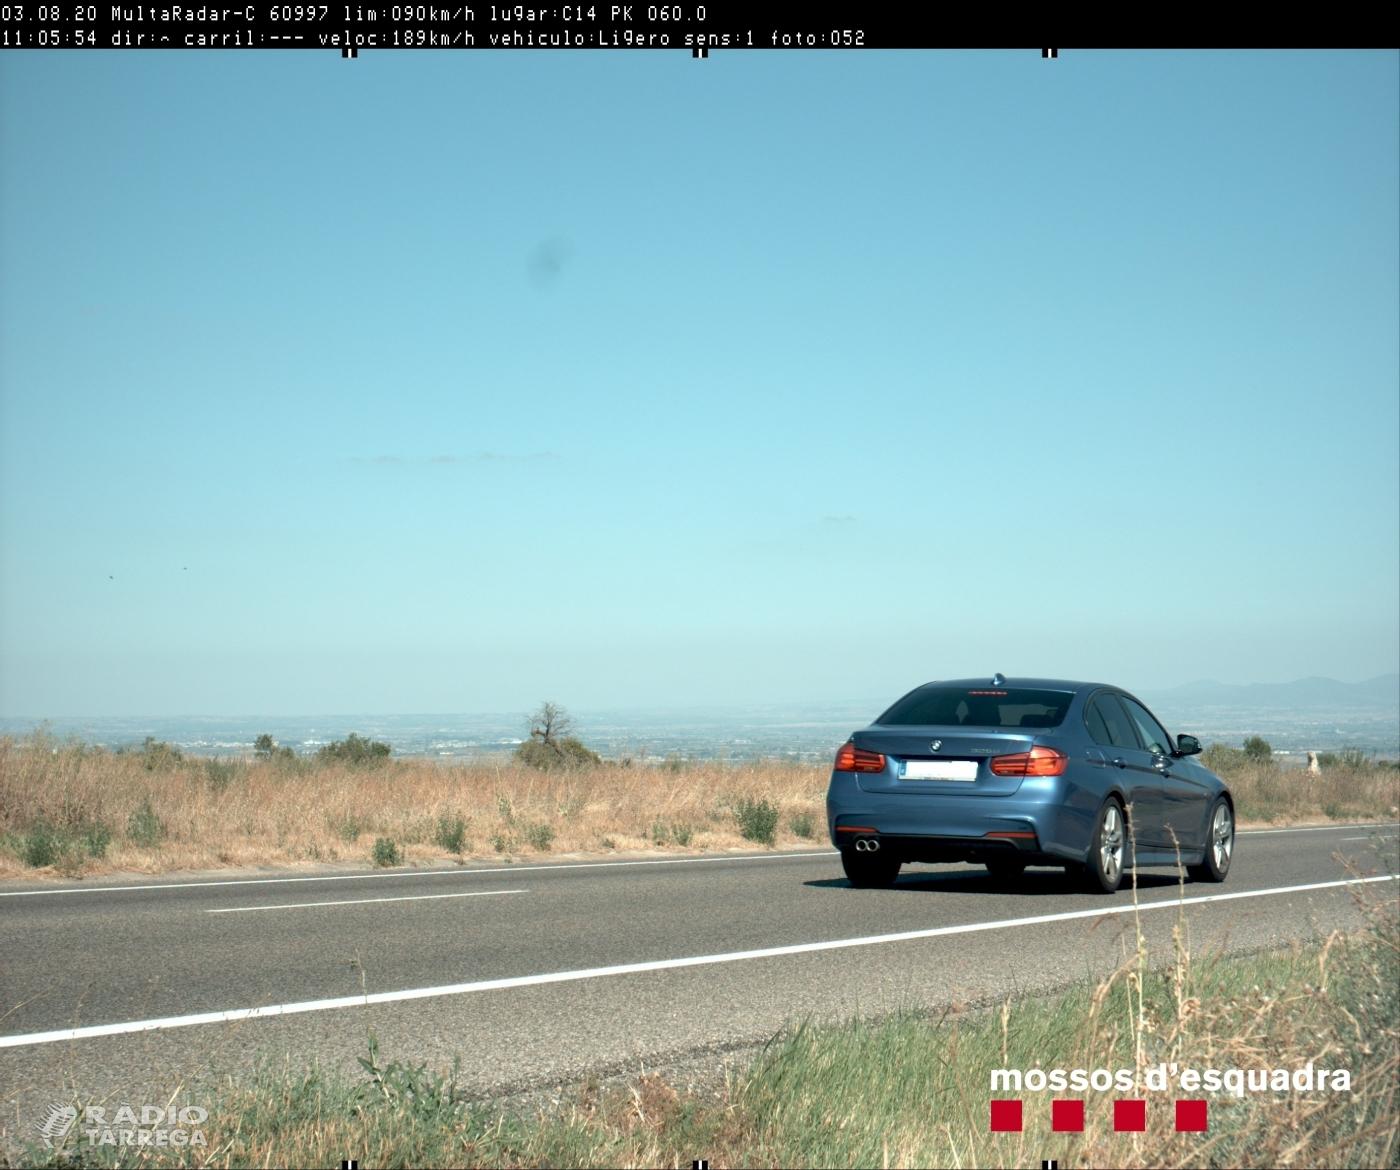 Denuncien penalment un conductor que circulava a 189 km/h per la C-14 a Ciutadilla